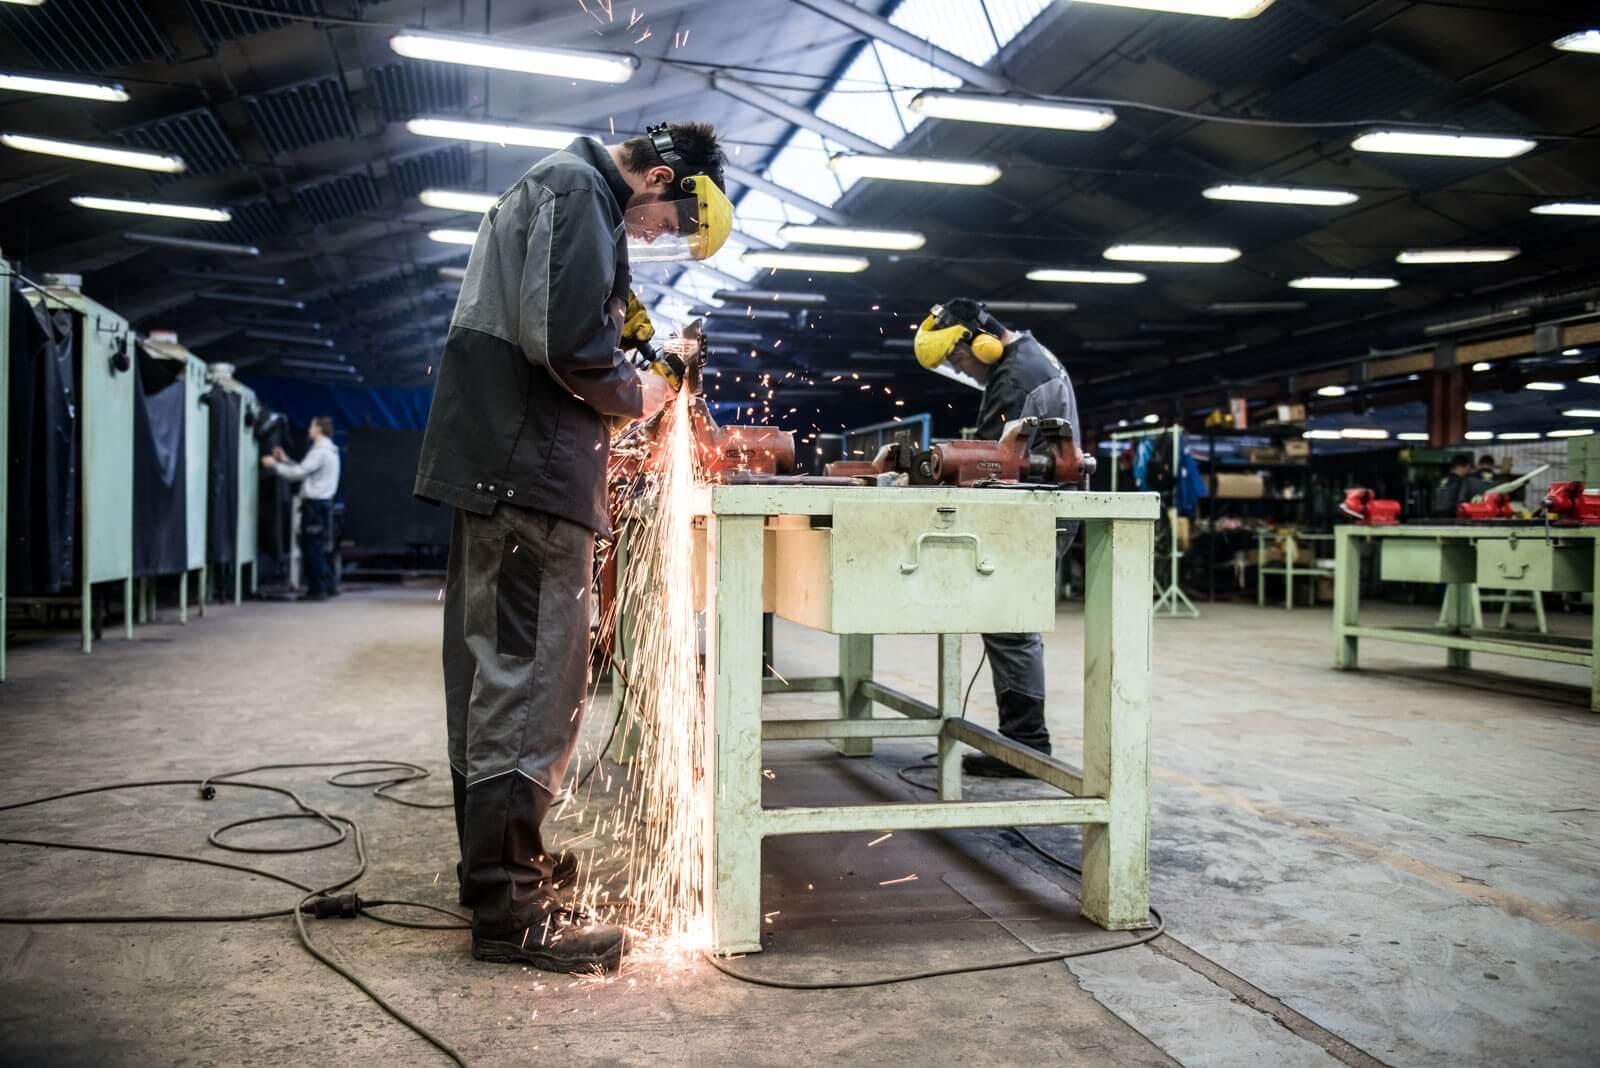 Gyakorlati központokkal reformálná meg az építőipari képzést az ÉVOSZ